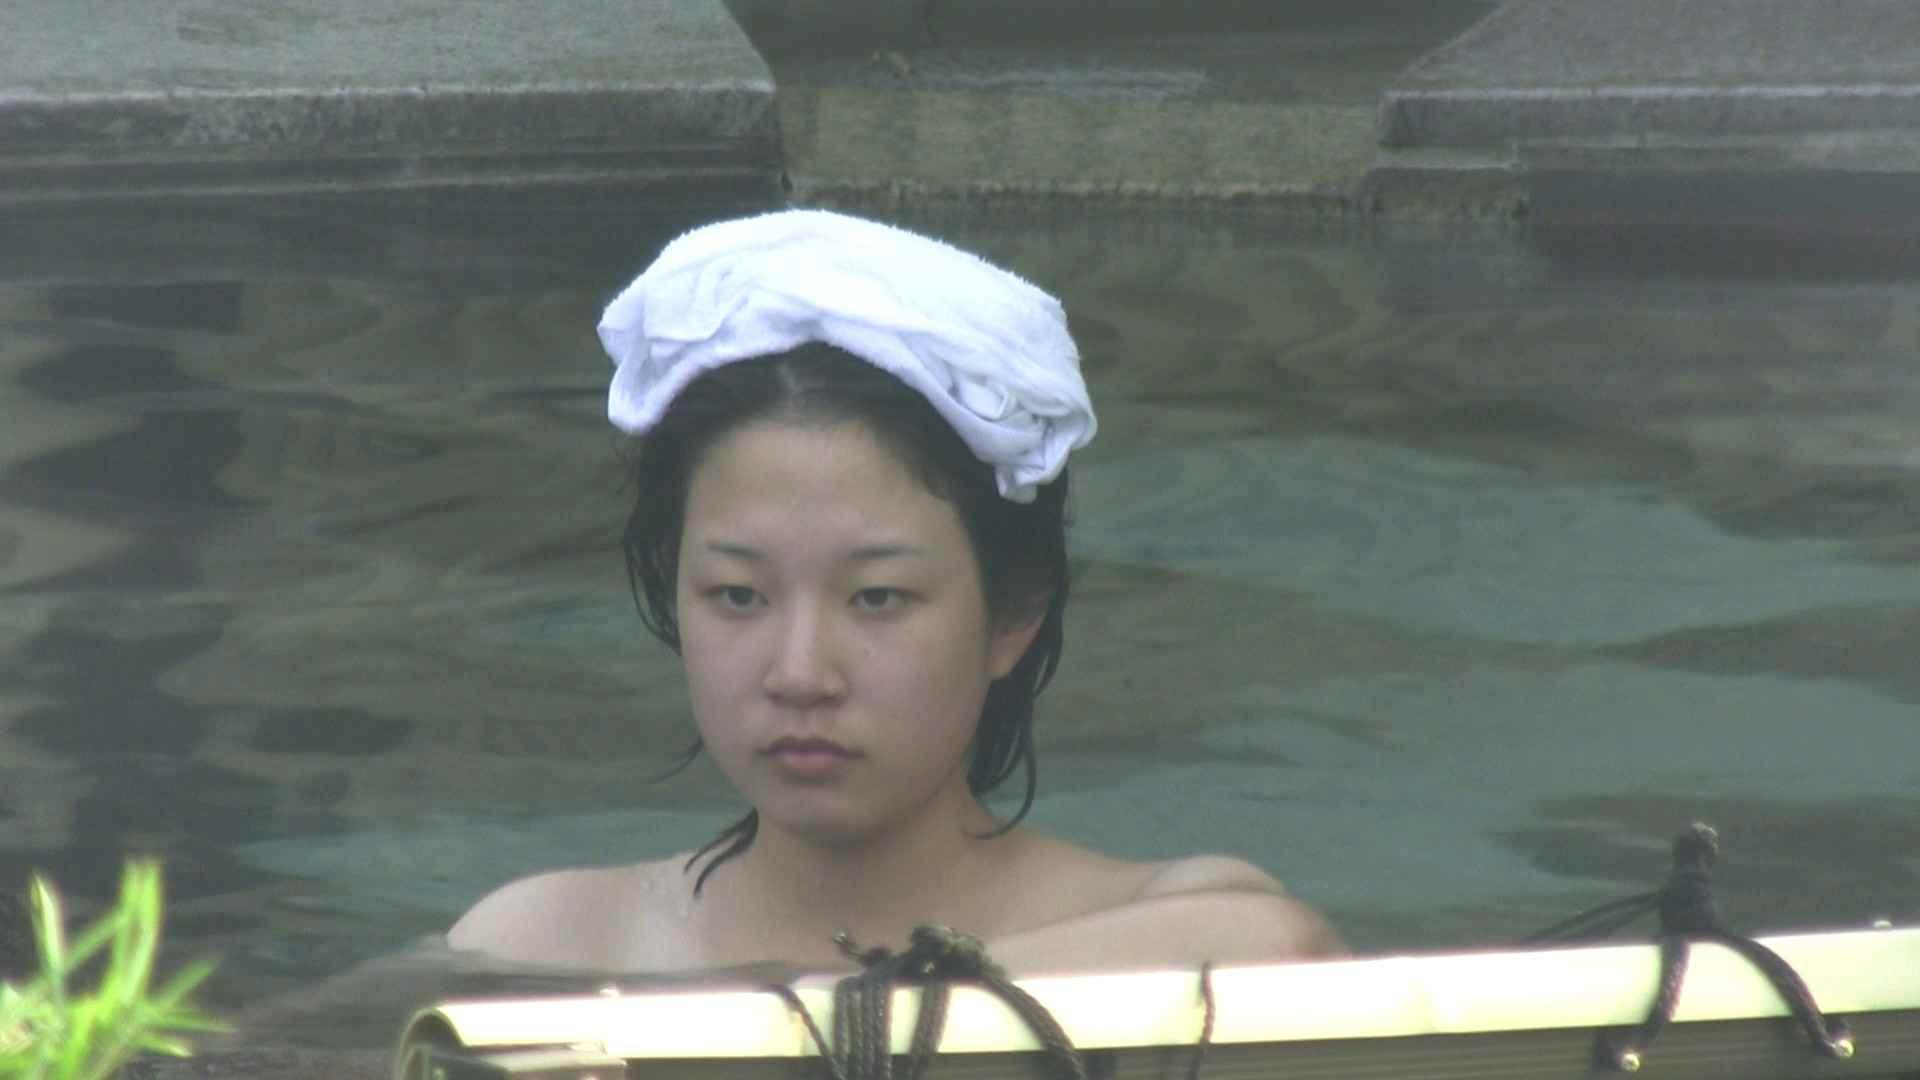 Aquaな露天風呂Vol.172 盗撮シリーズ  107PIX 46